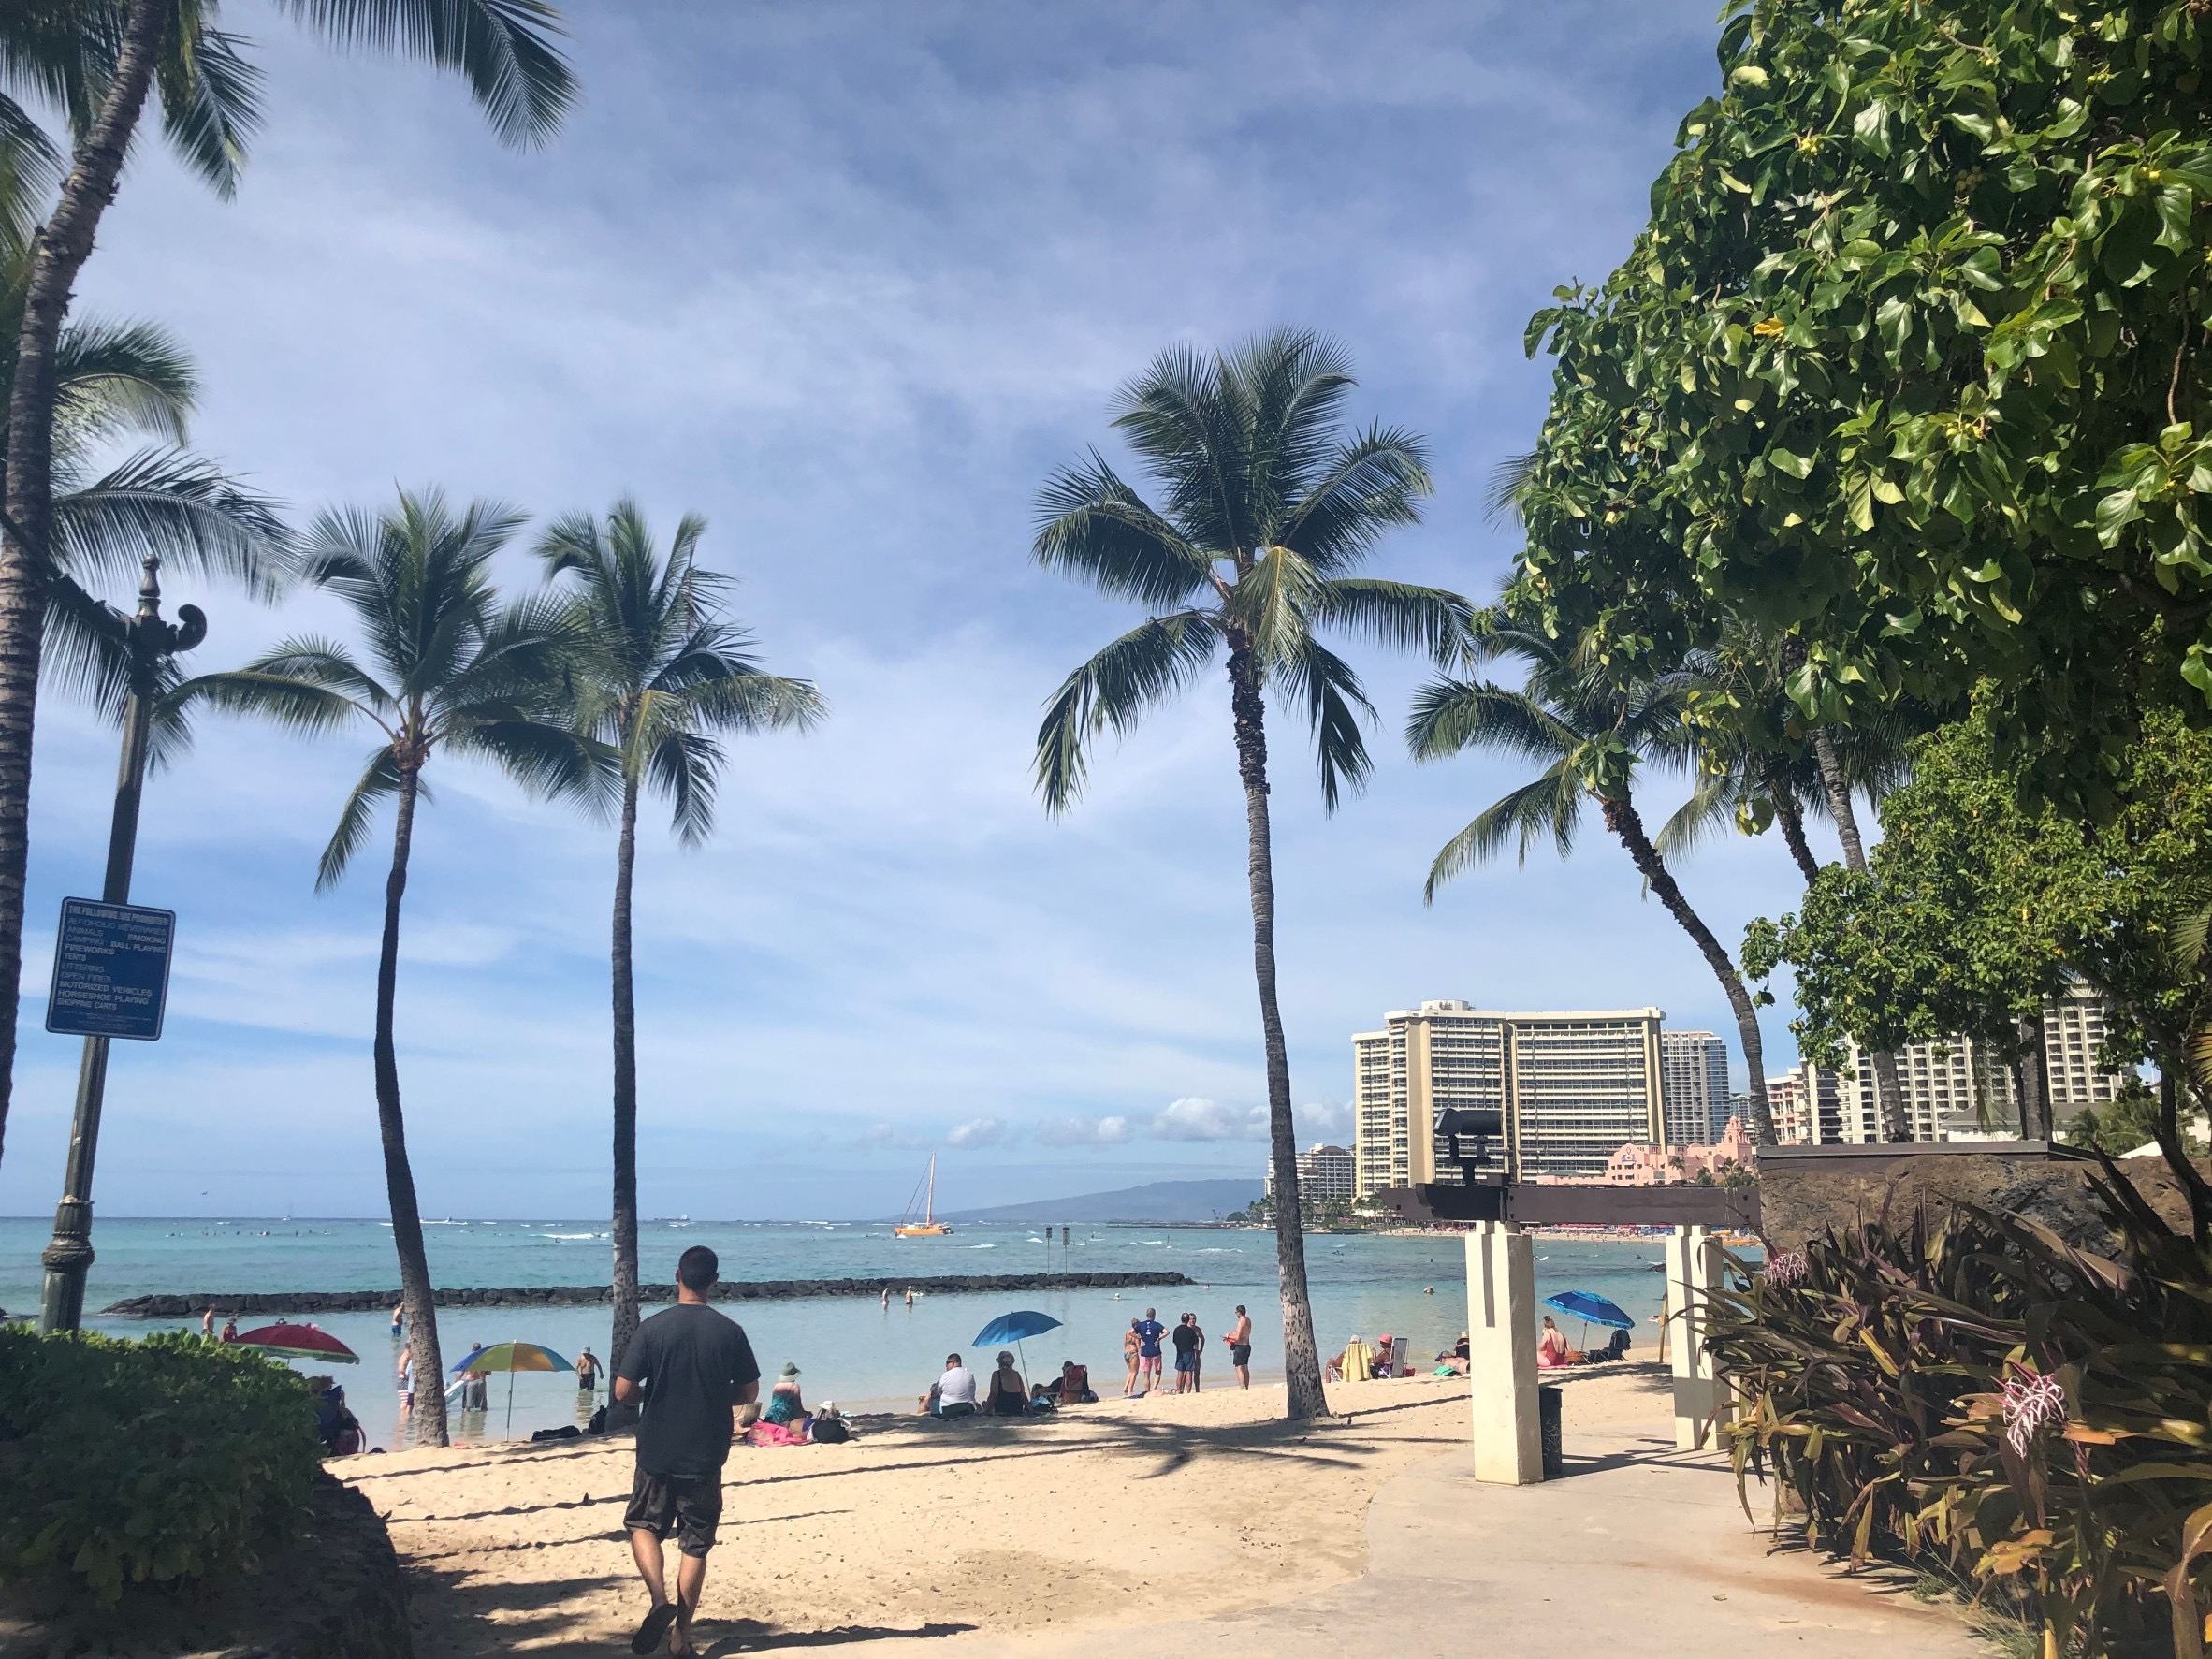 ブログ 2020 ハワイ